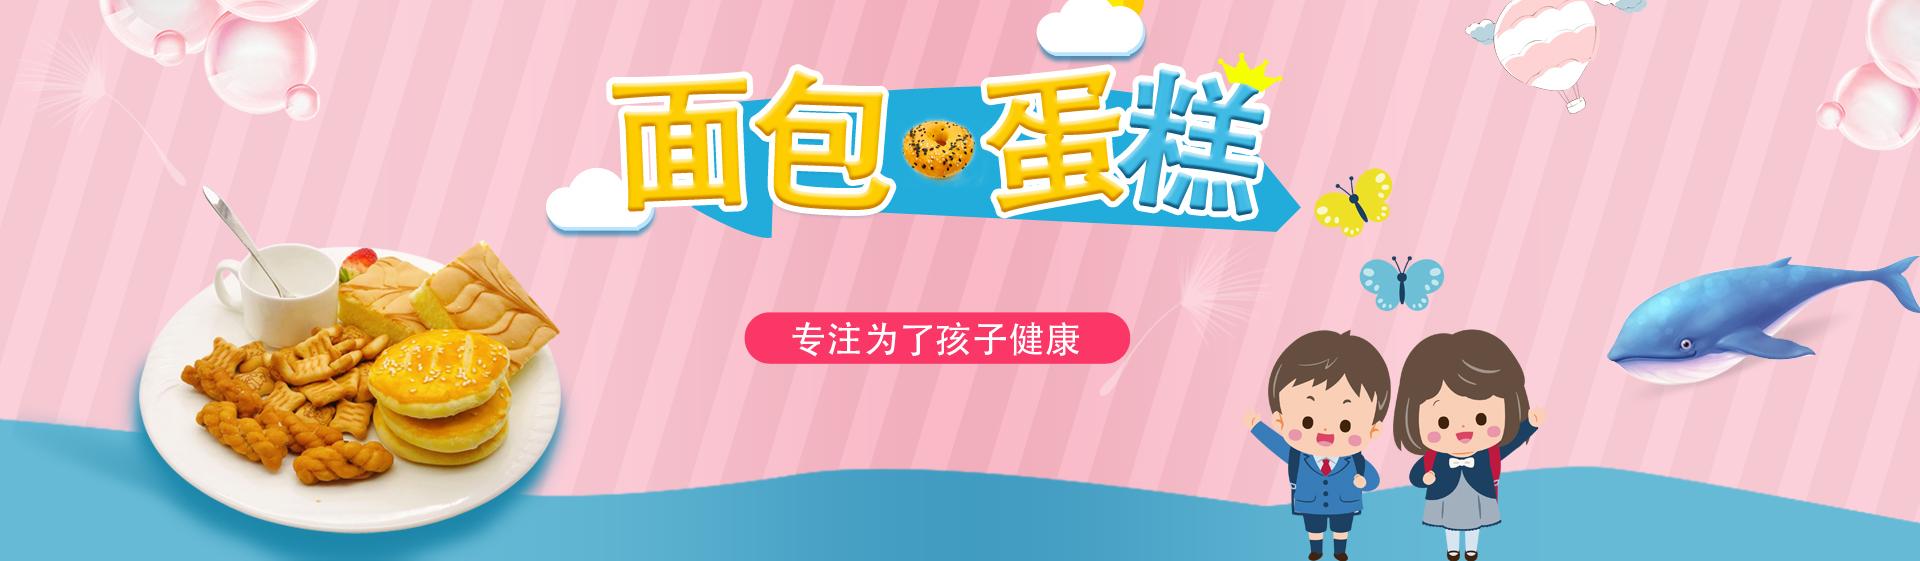 万博app官方下载ios万博manbetx官网客户端下载